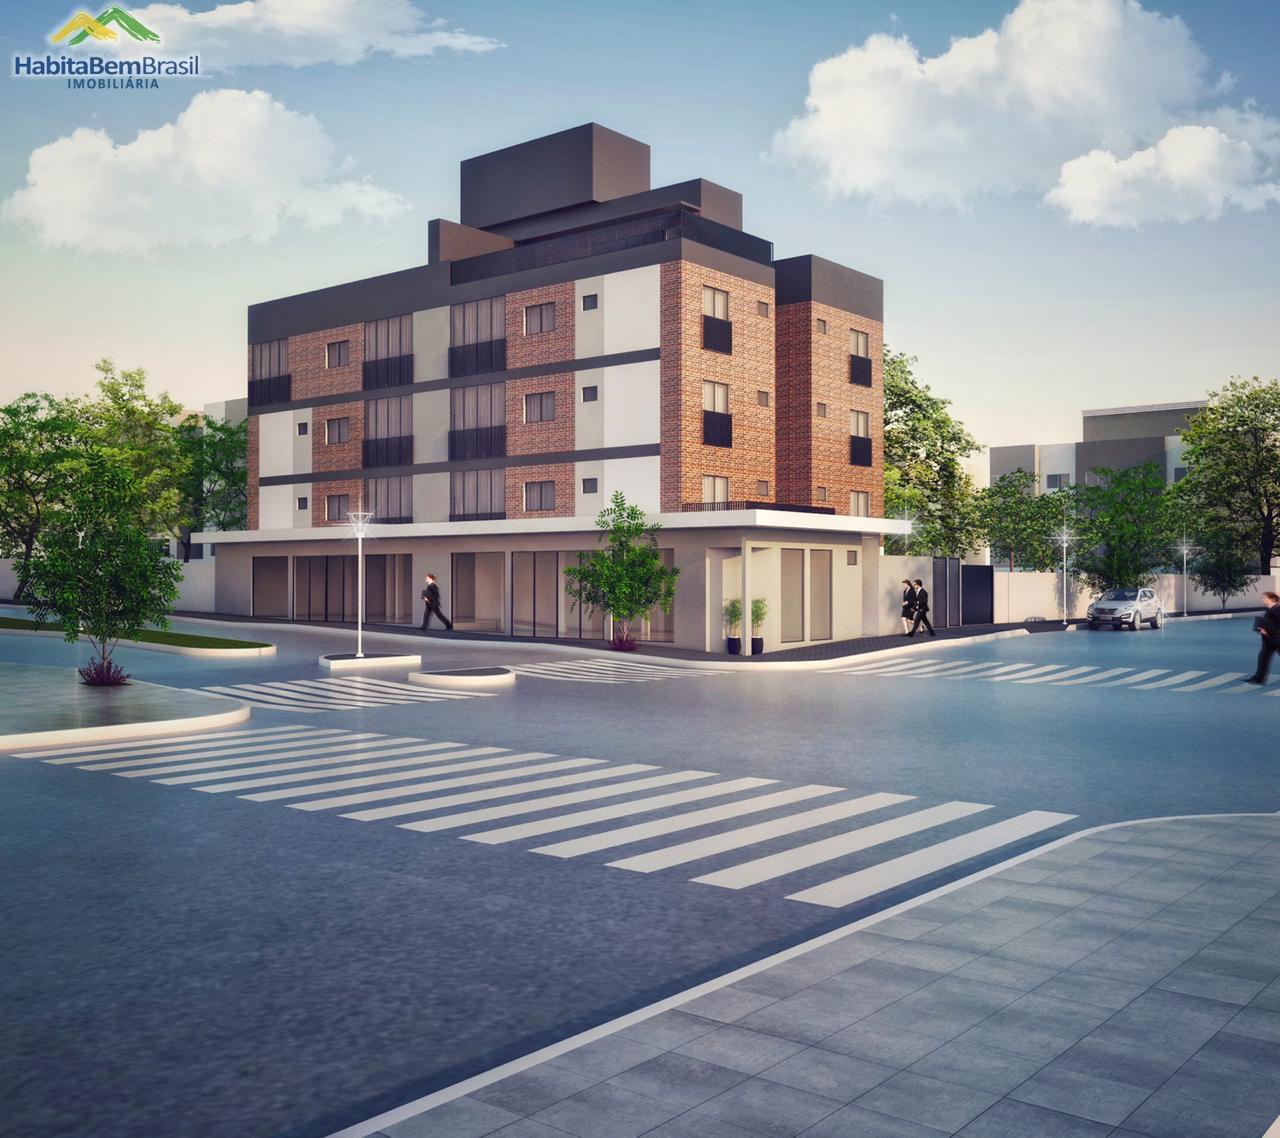 Apartamento com 2 dormitórios à venda, JARDIM SANTA MARIA, TOLEDO - PR